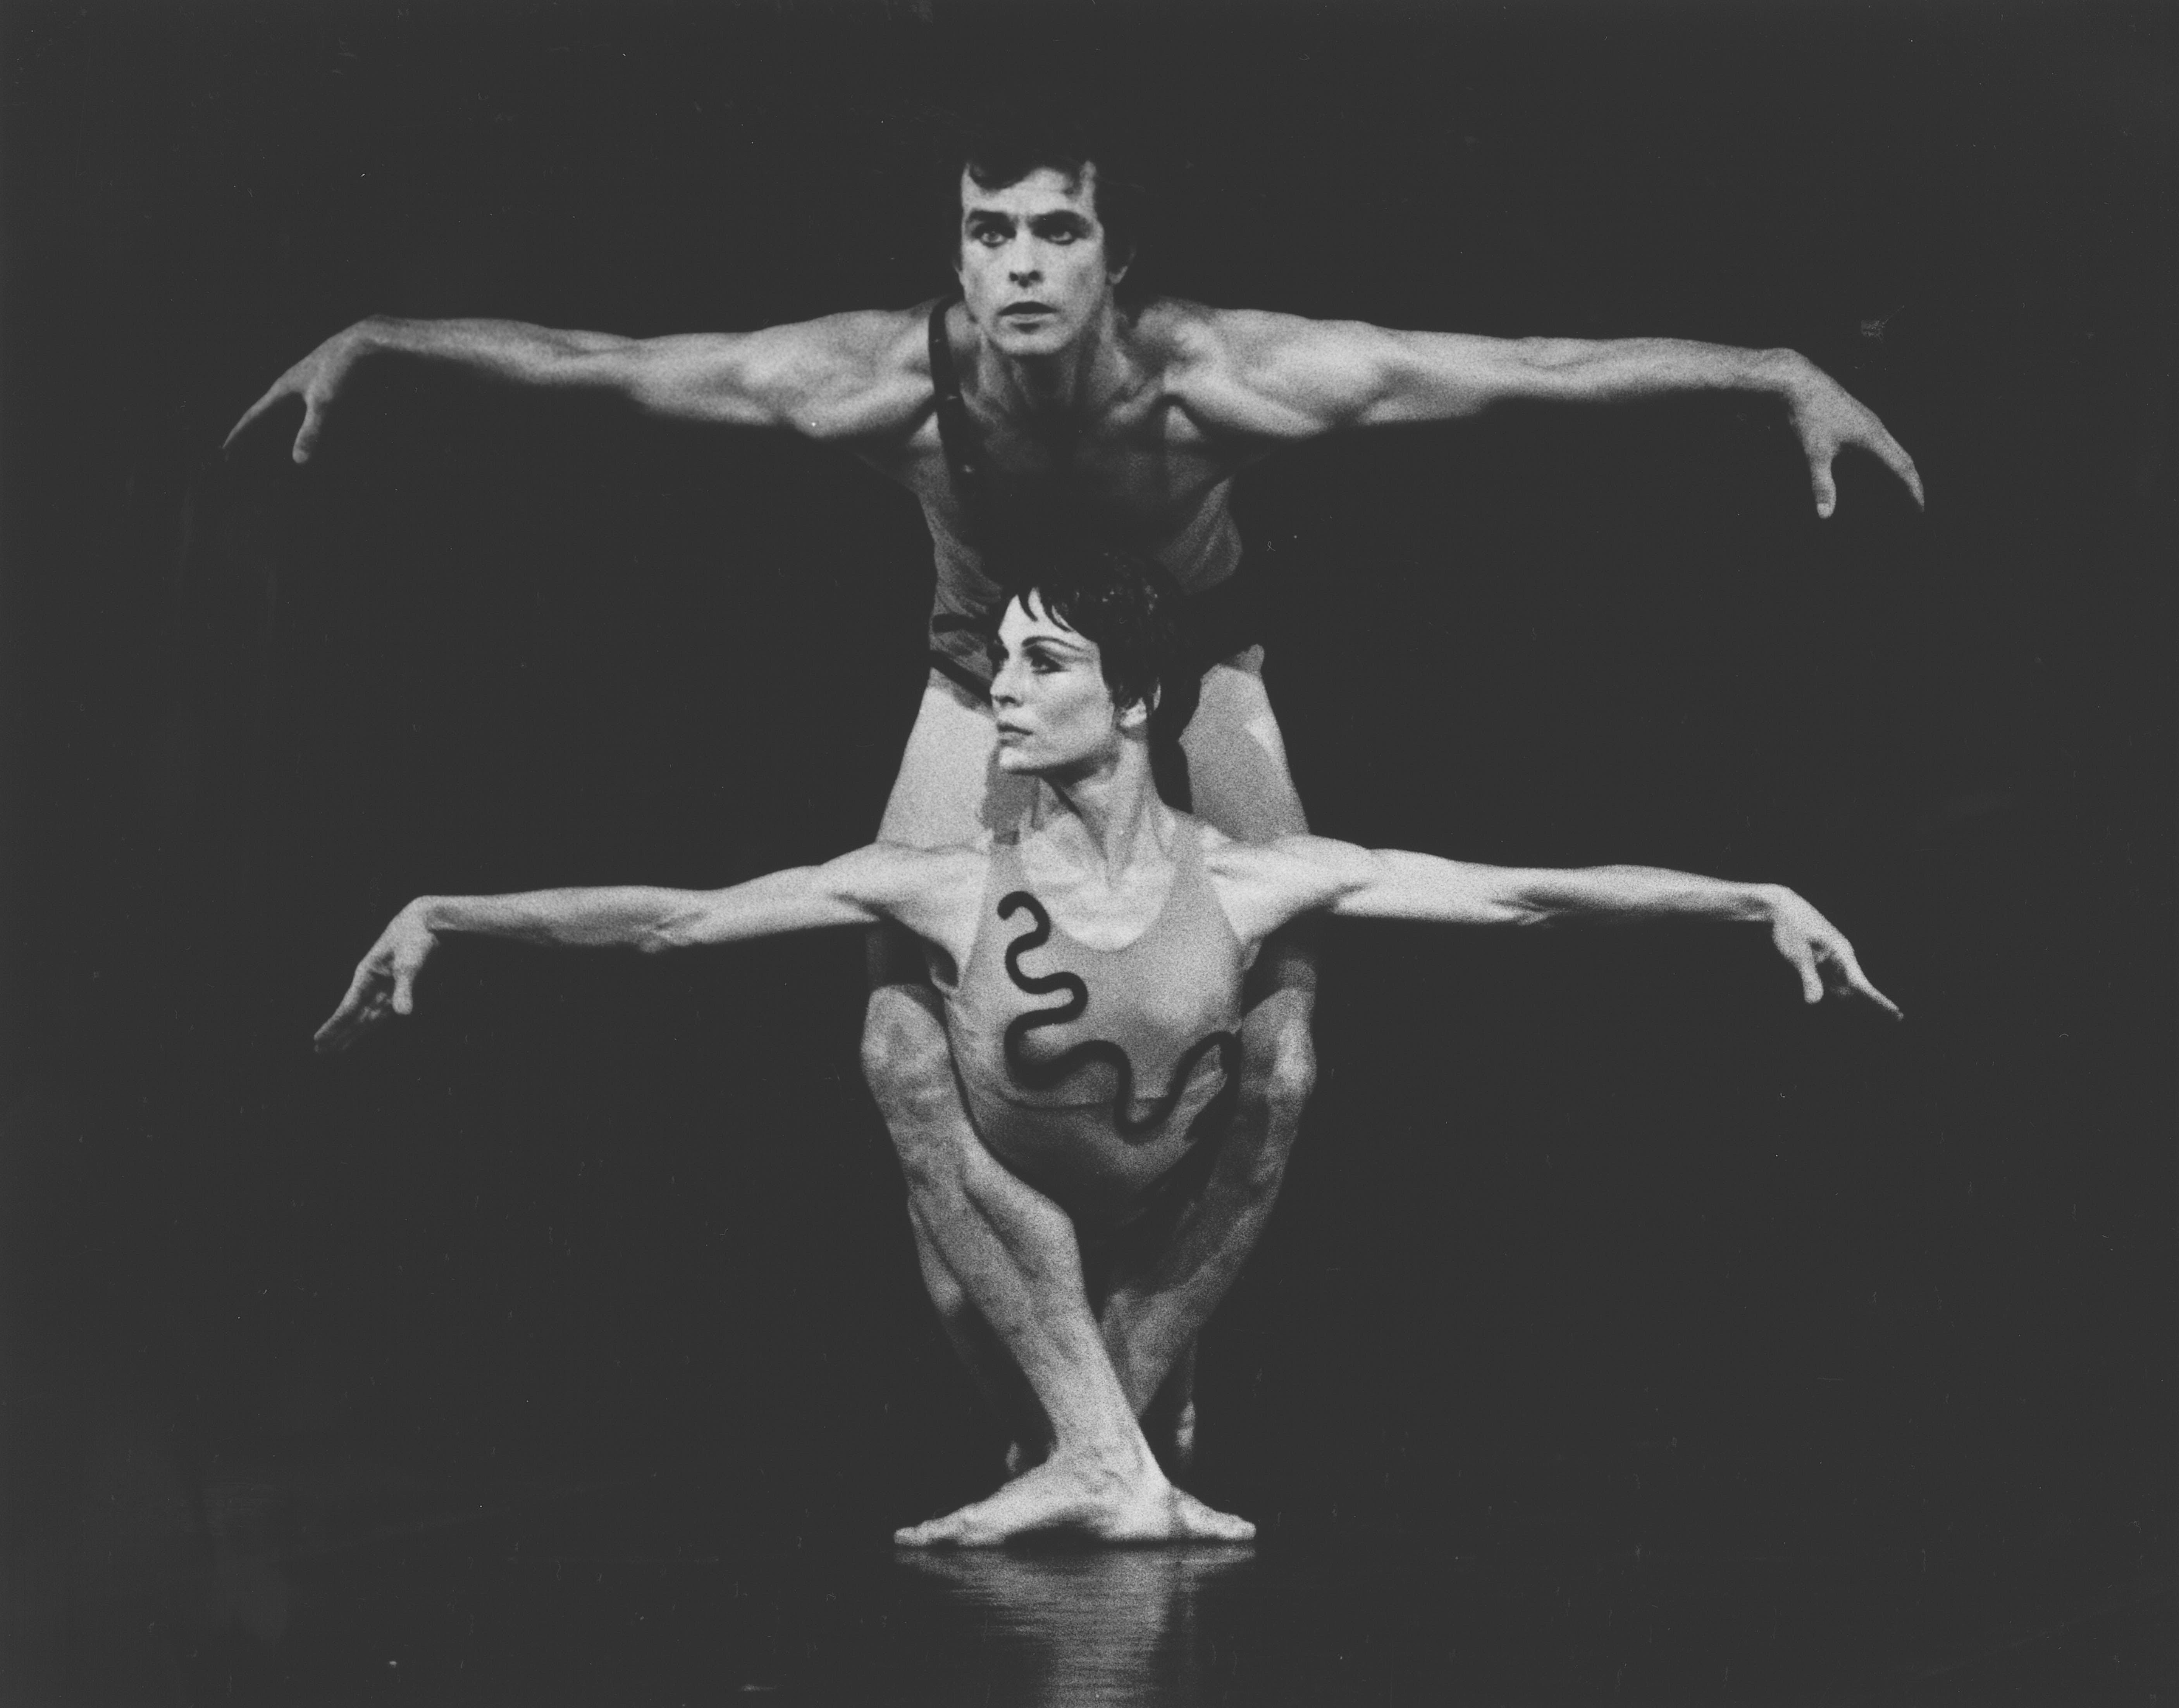 The Cage - PNB - Deborah Hadley, Michael Auer, 1984 - Photo by Ben Kerns